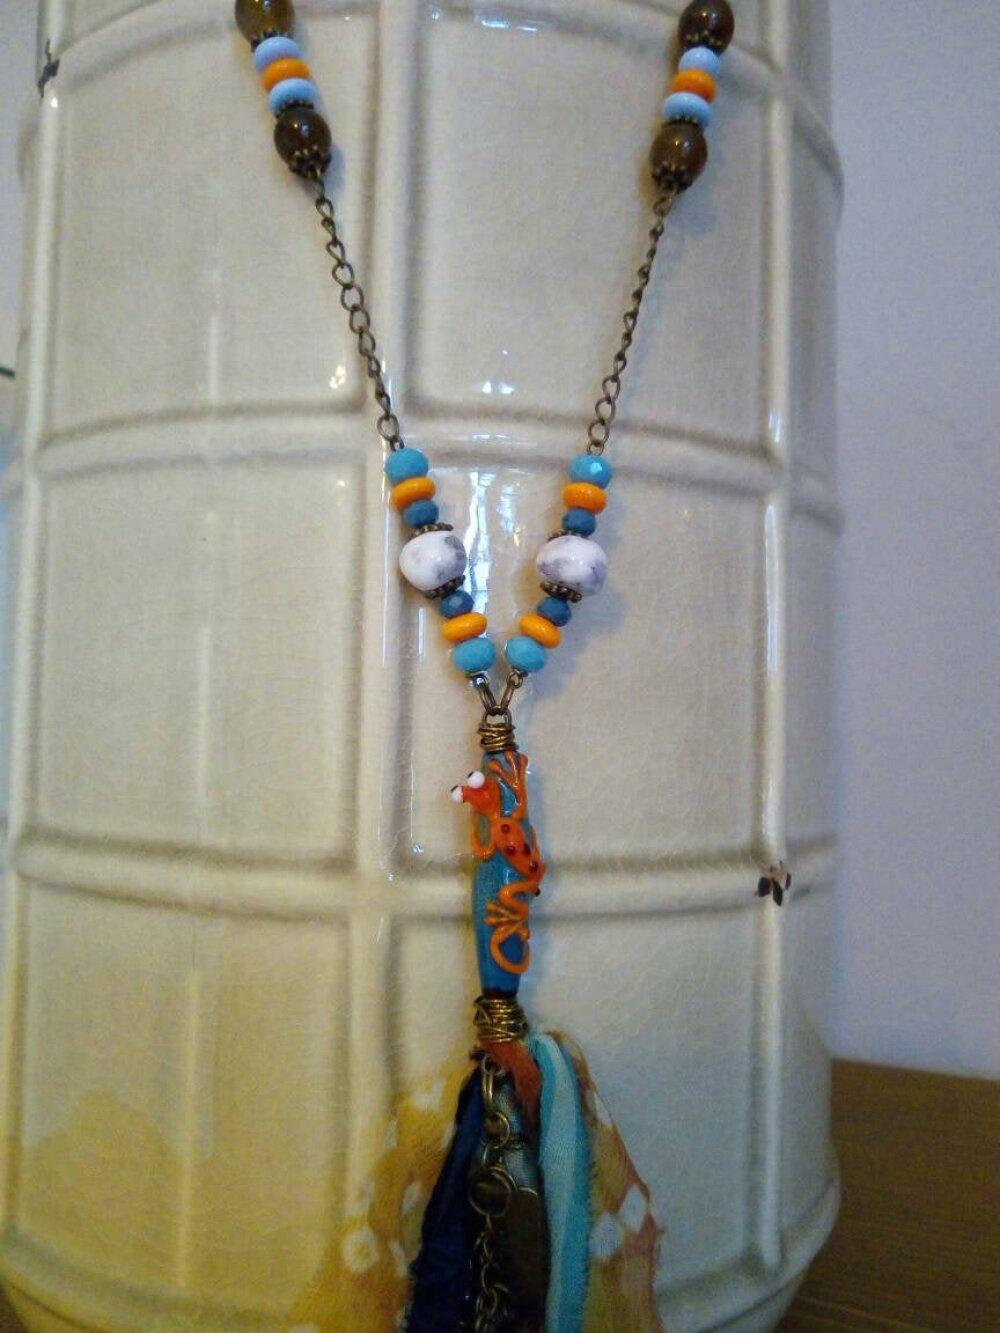 LA SALAMANDRE - sautoir bohème - perles en verre filé au chalumeau - soie de sari - métal bronze -